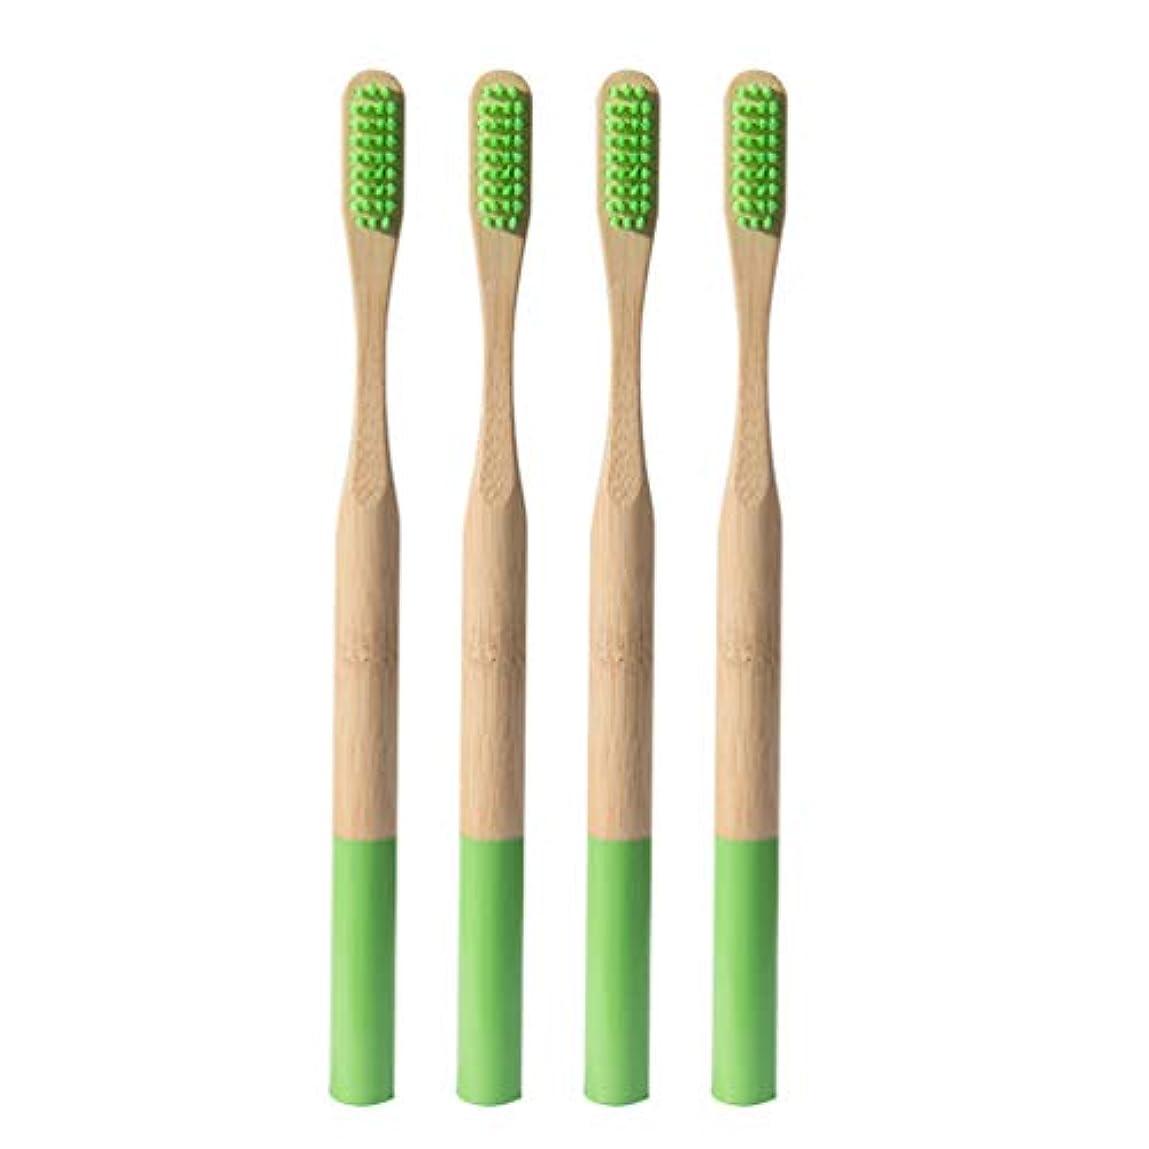 開業医バウンス下線SUPVOX 4本の天然竹歯ブラシエコフレンドリーな歯ブラシ、柔らかいナイロン毛、BPAフリーの生分解性